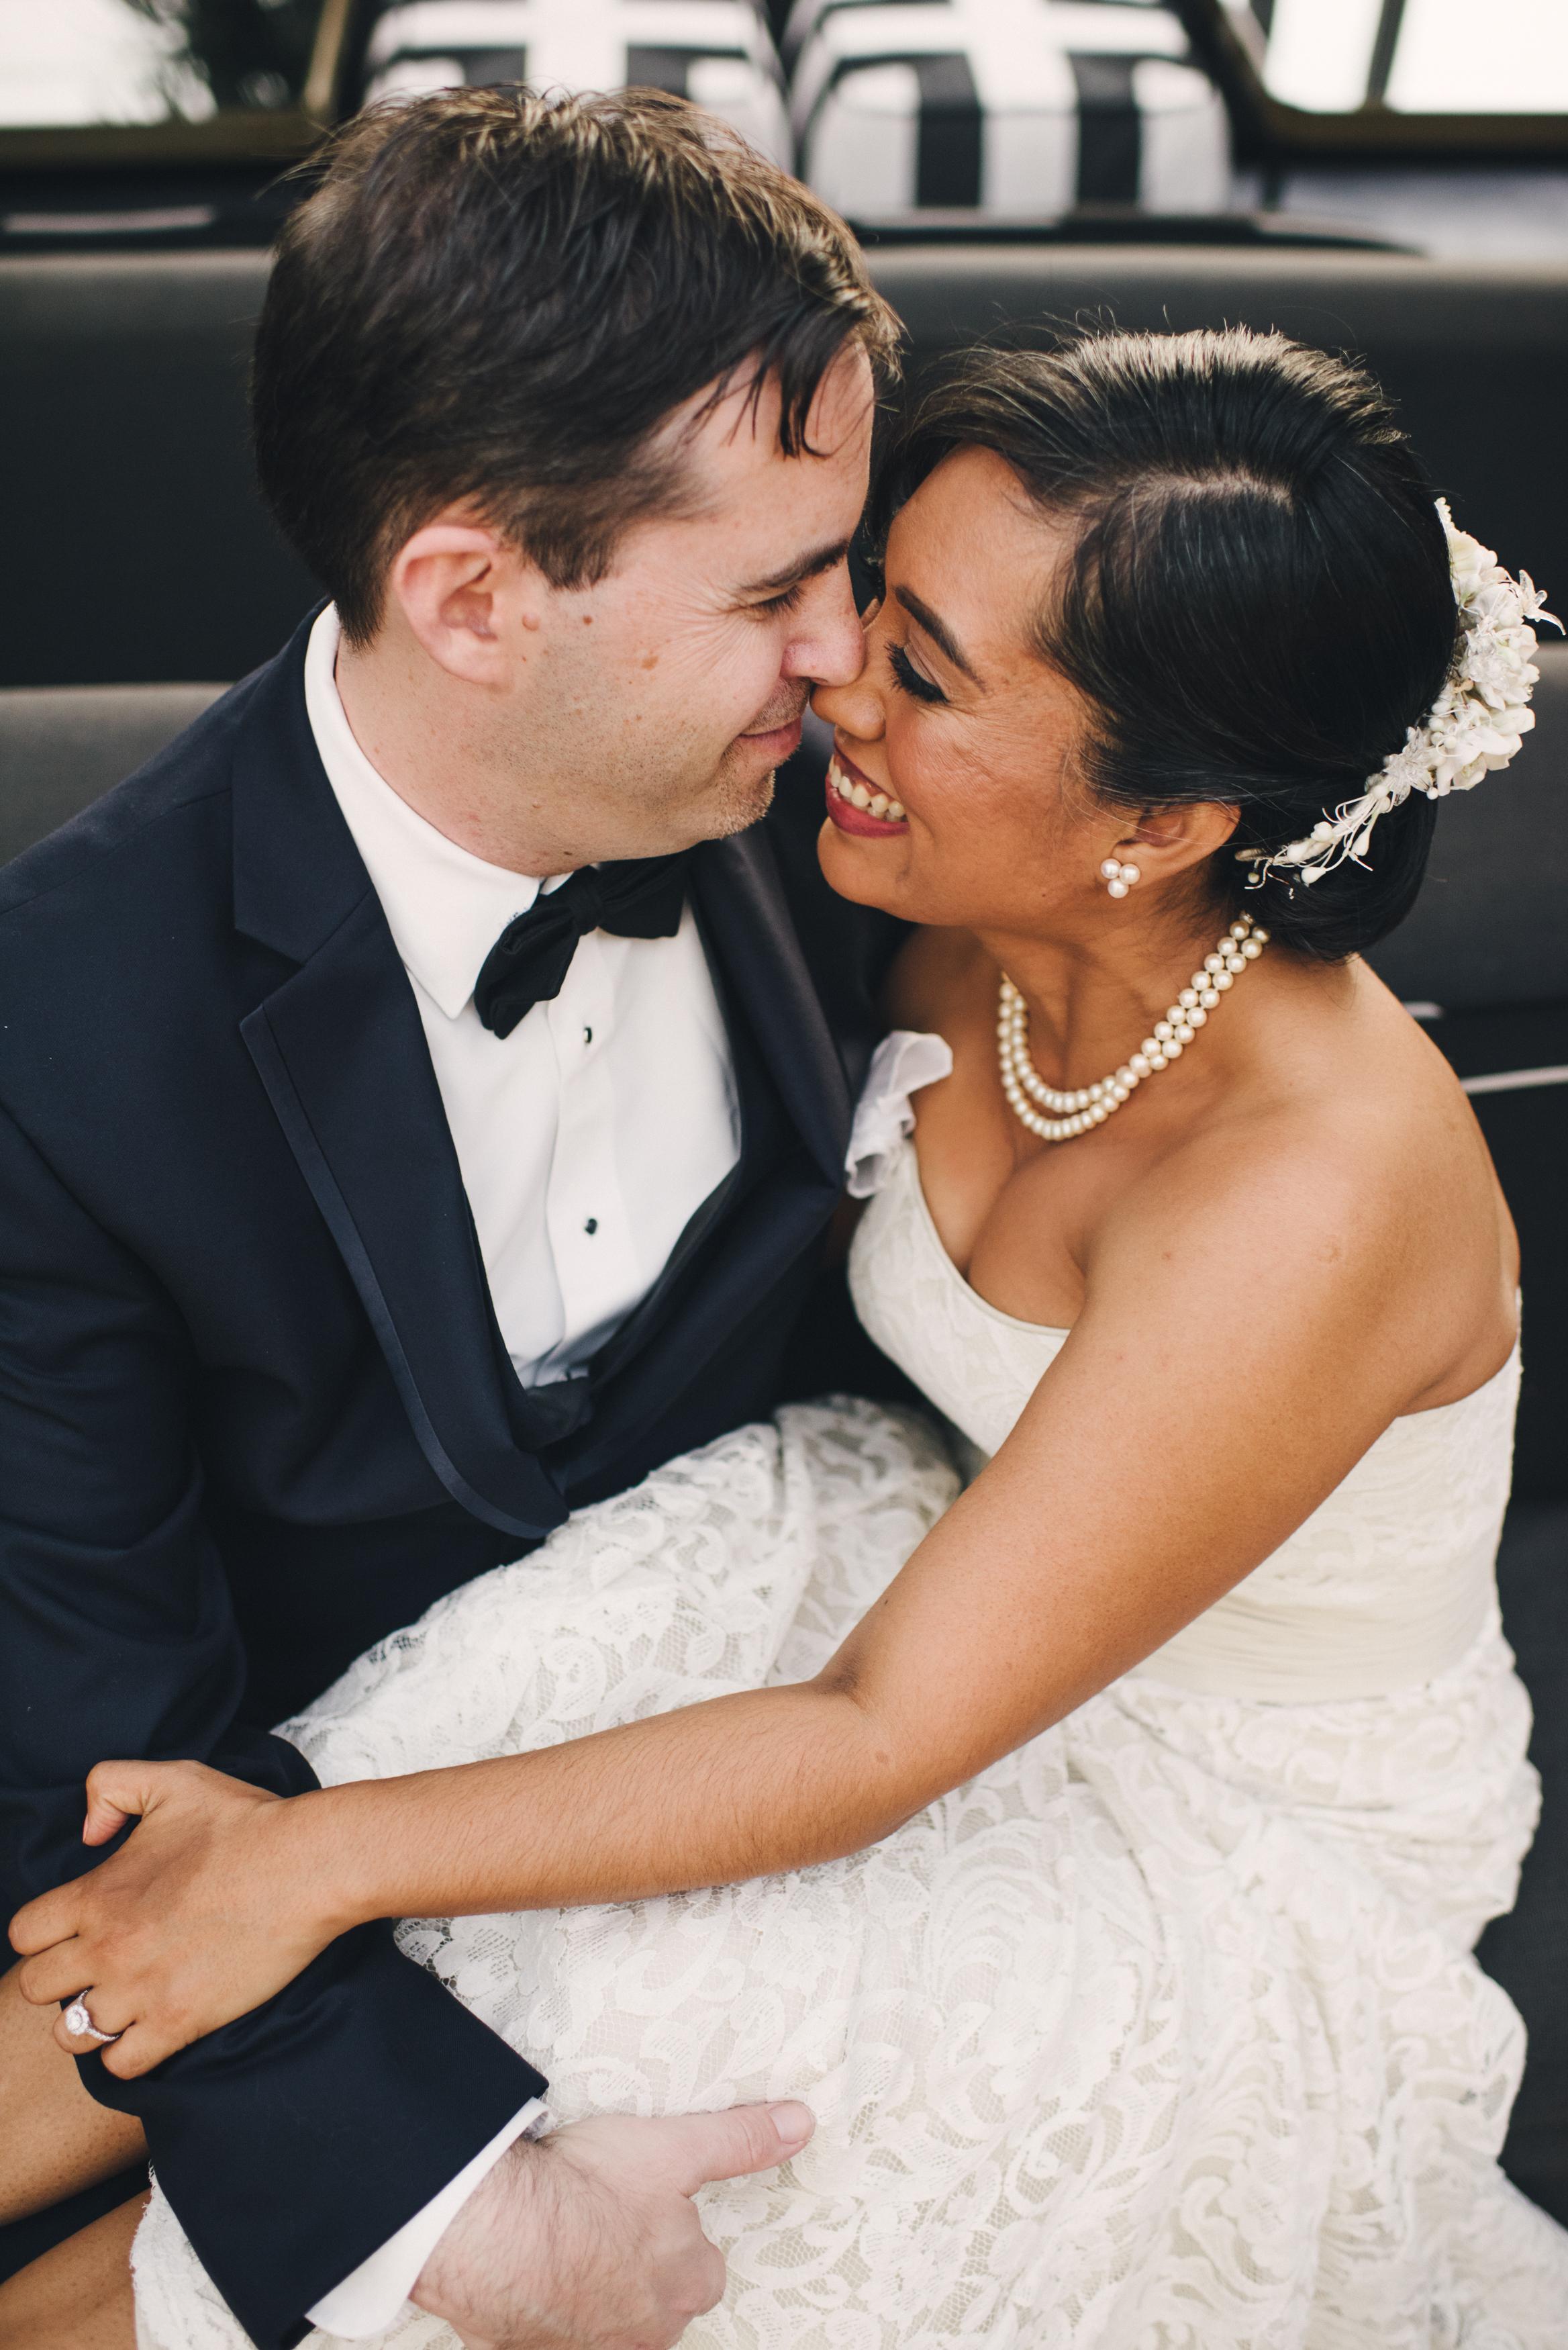 BROOKLYN WINERY WEDDING - TWOTWENTY by CHI-CHI AGBIM-105.jpg